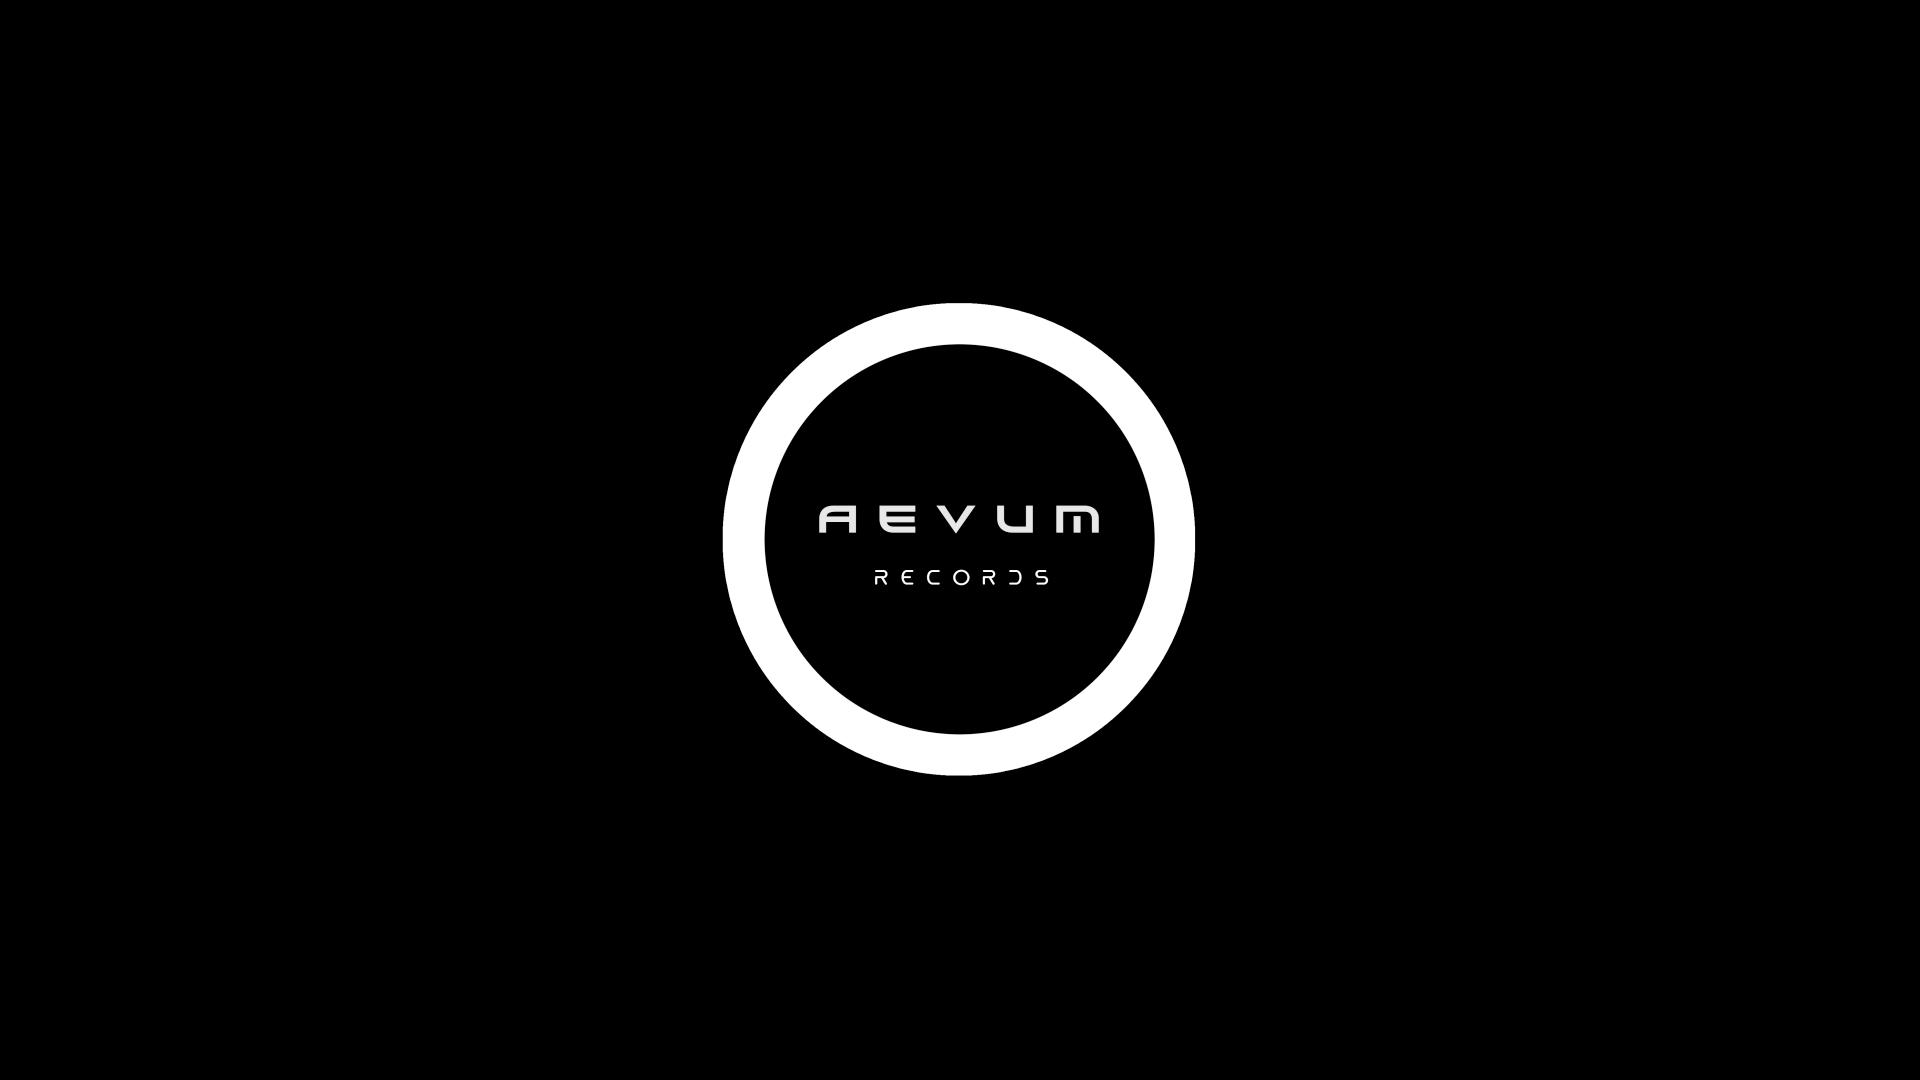 AEVUM.png